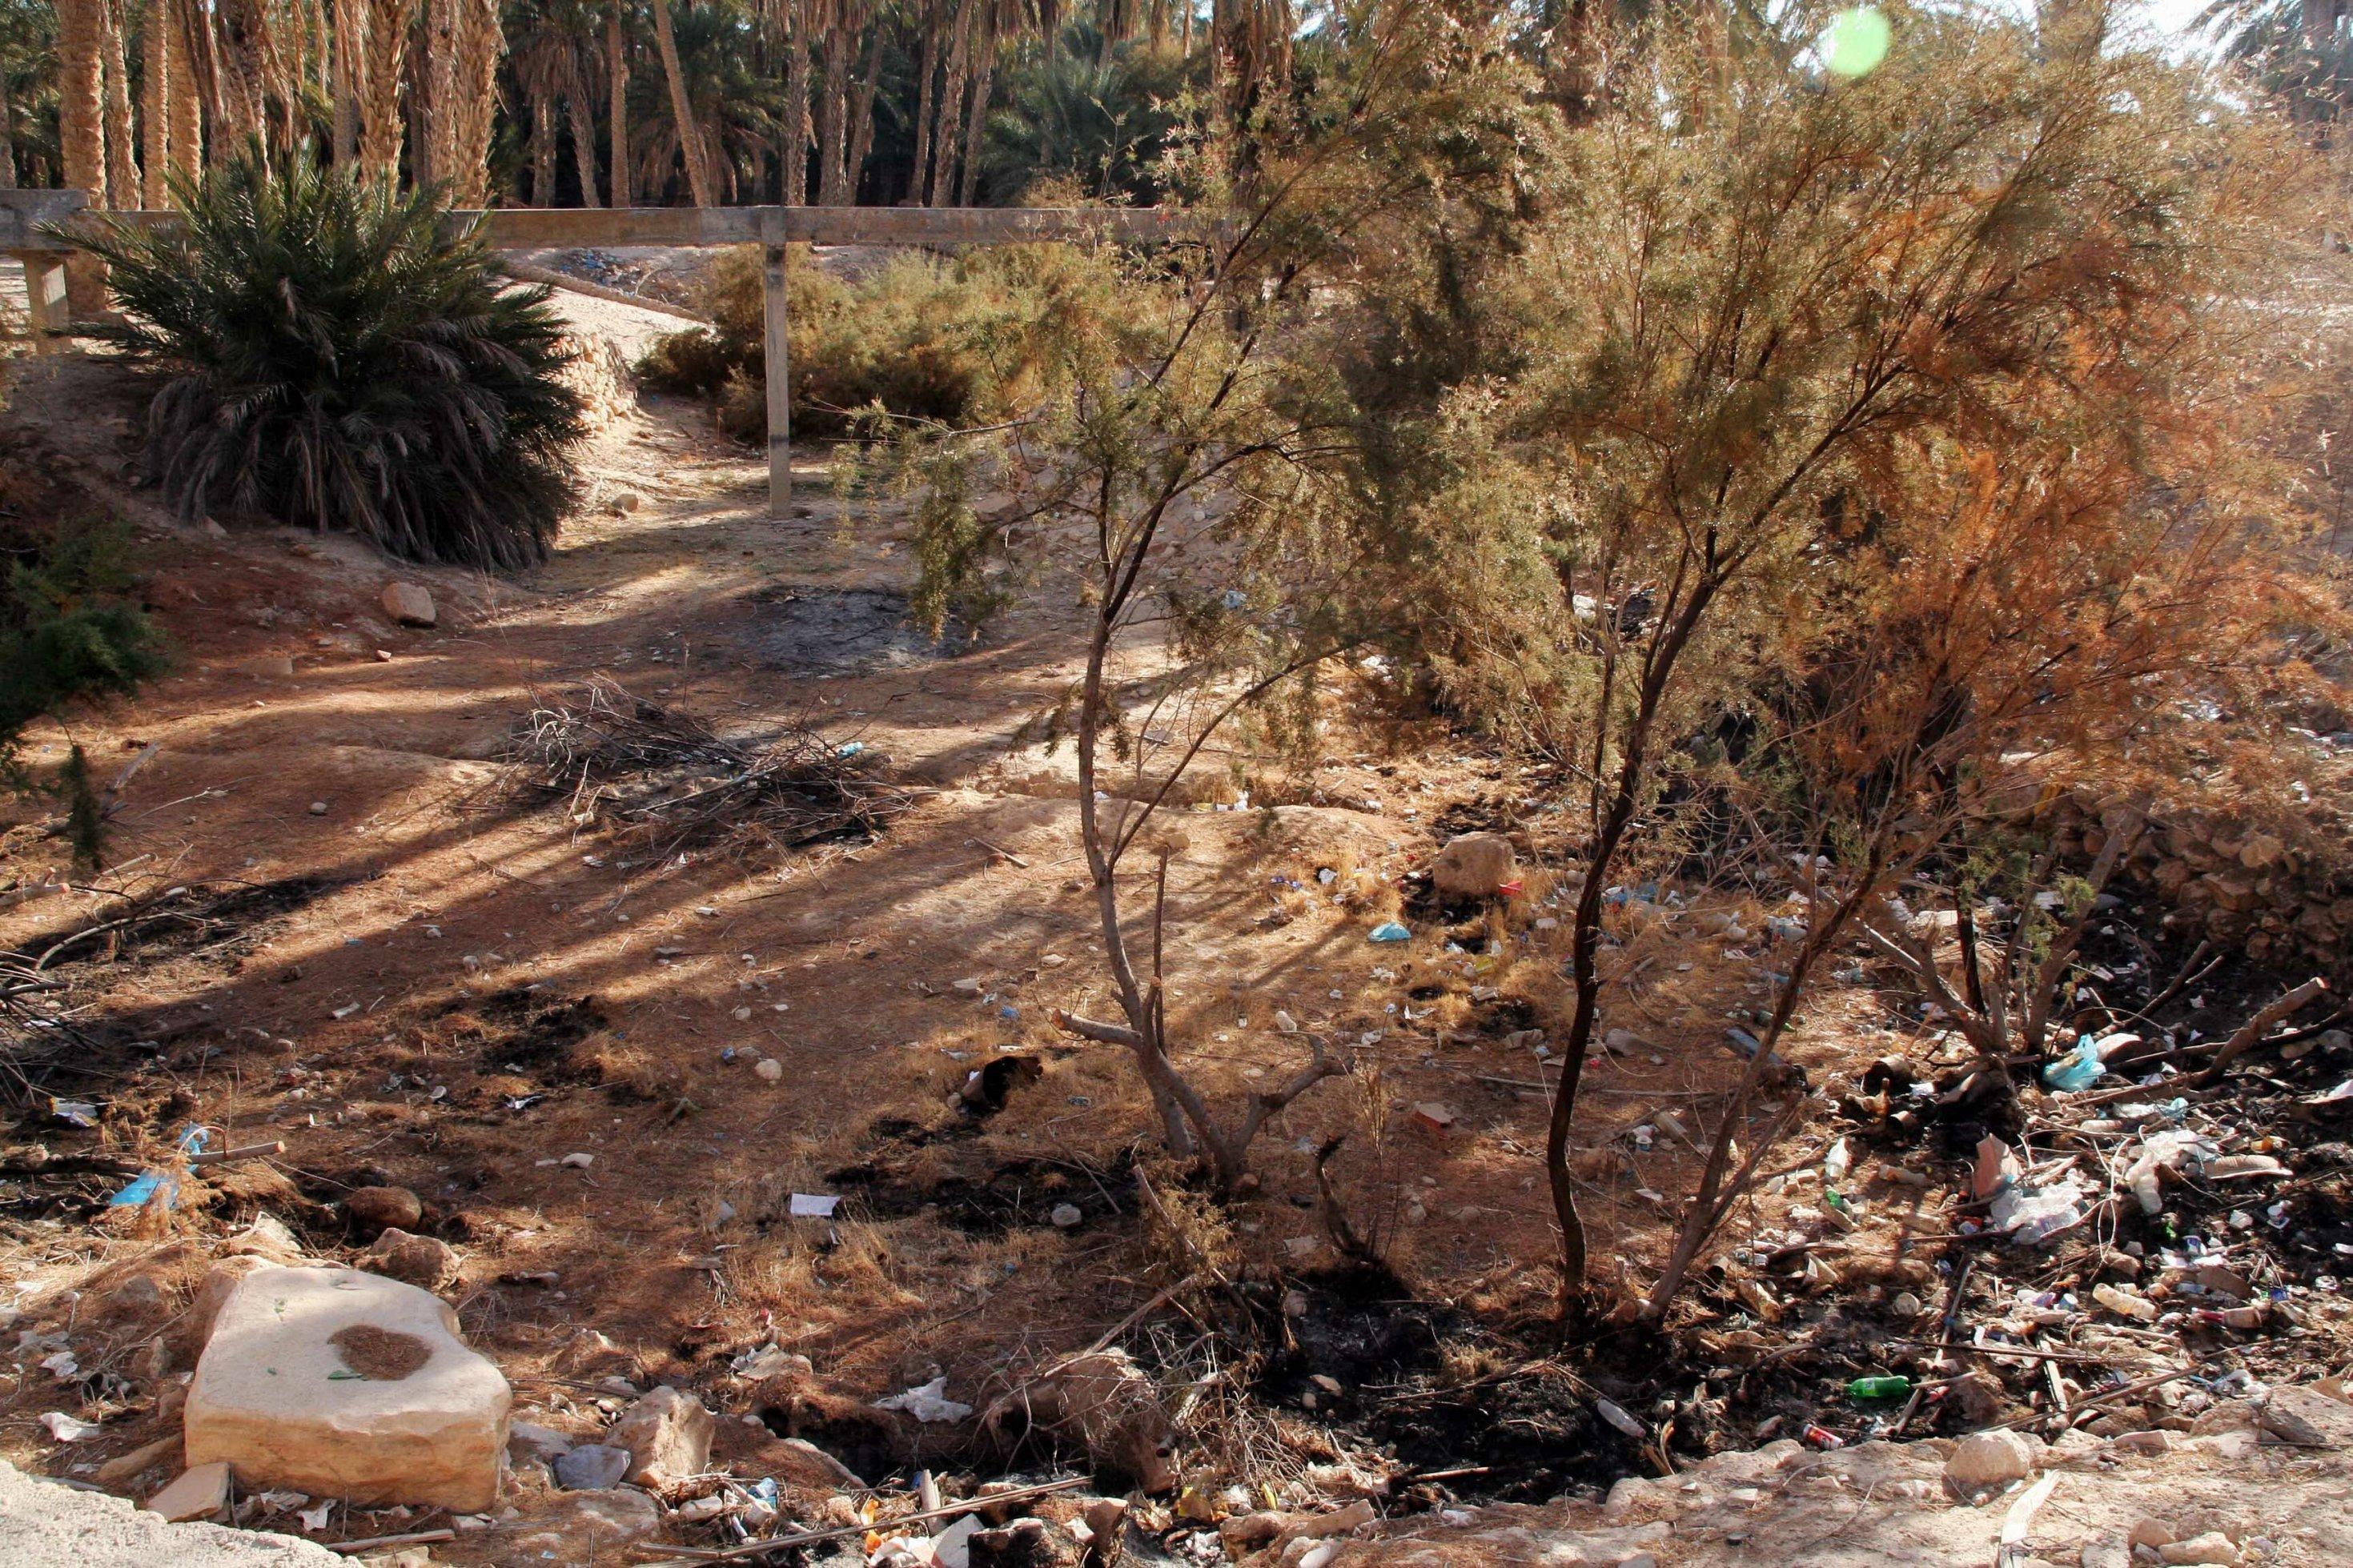 Ein trockenes Flussbett ist mit Müll übersäht.